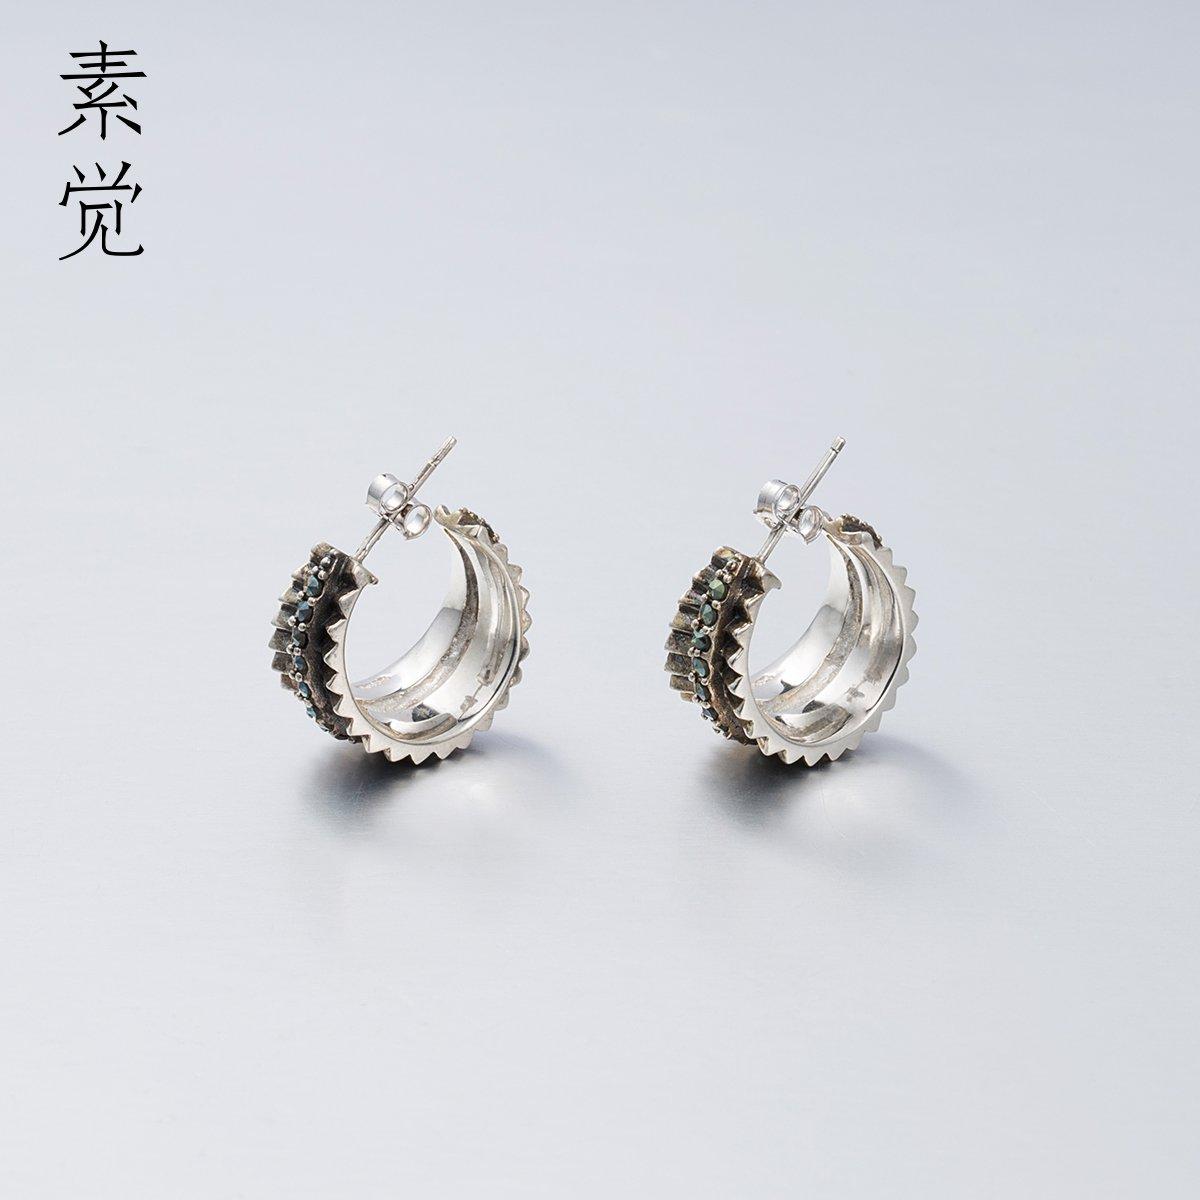 BAGEHAN Das Design von 925 alten Lady Silber Hand eingelegten Ohrringe Ohrschmuck Ohrringe Retro Ohrstecker Retro Stud Earrings